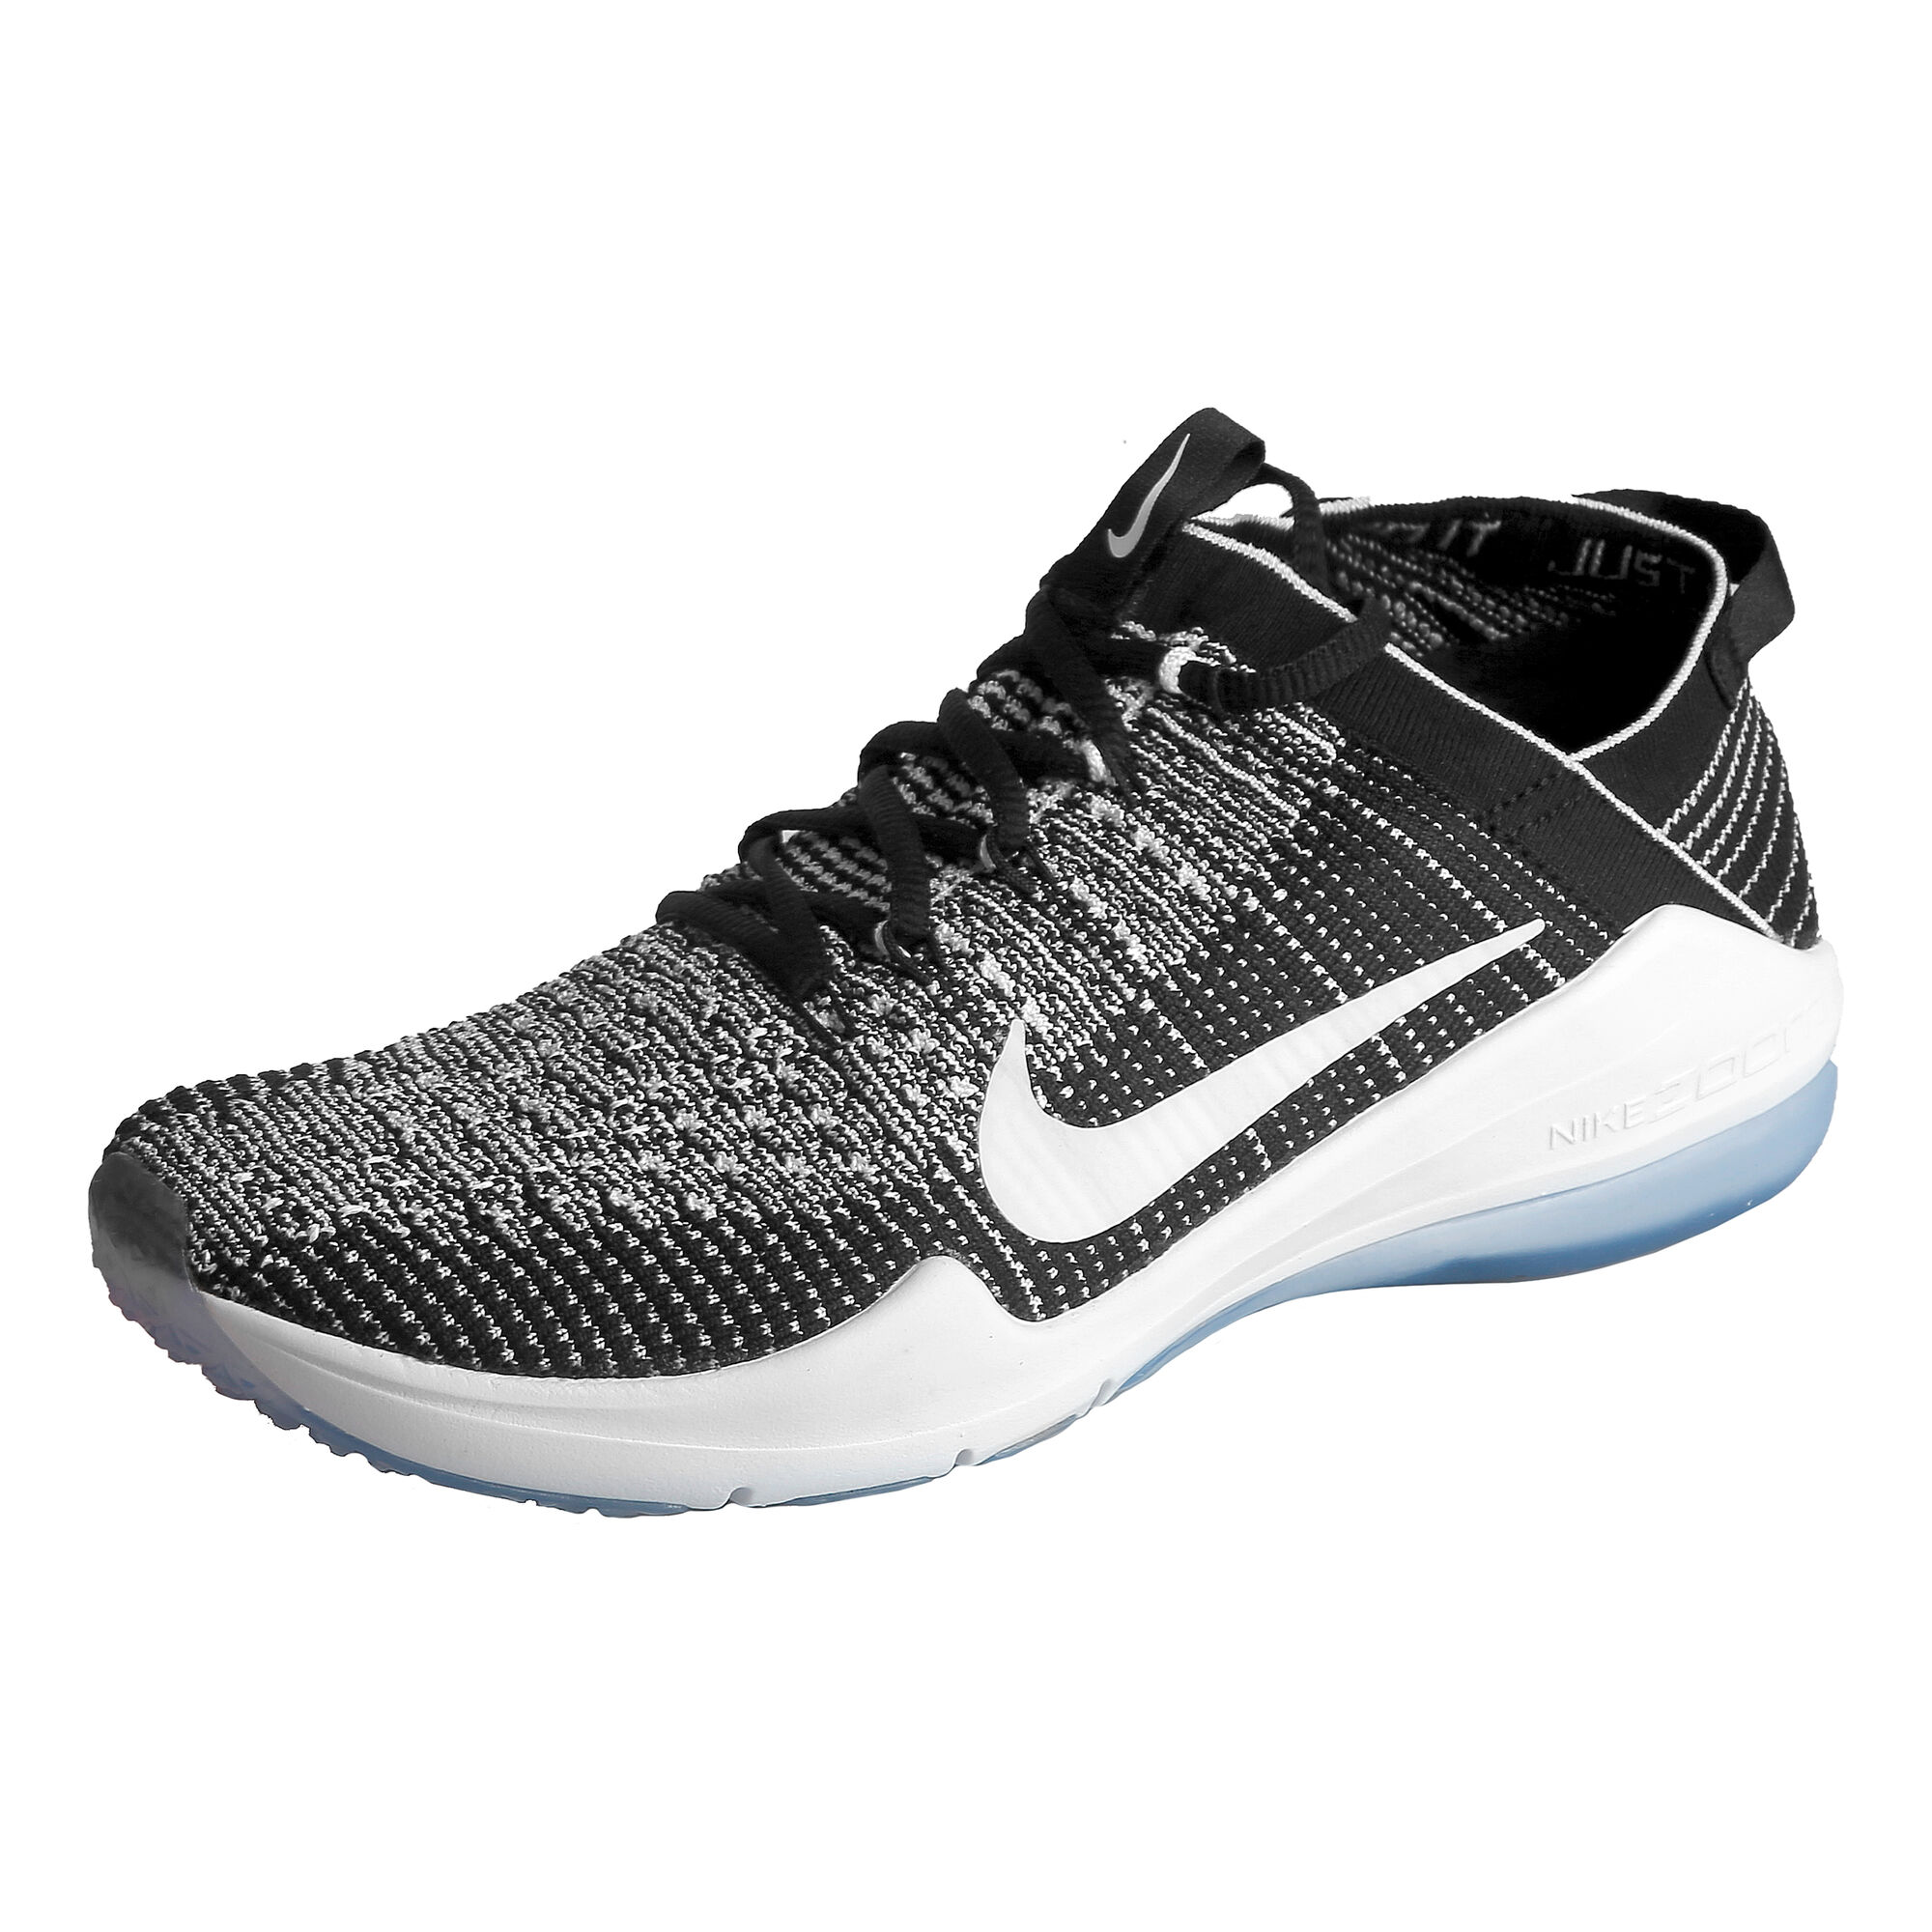 24ba8fe91e37 Nike  Nike  Nike  Nike  Nike  Nike  Nike  Nike  Nike  Nike. Air Zoom  Fearless Flyknit 2 Women ...